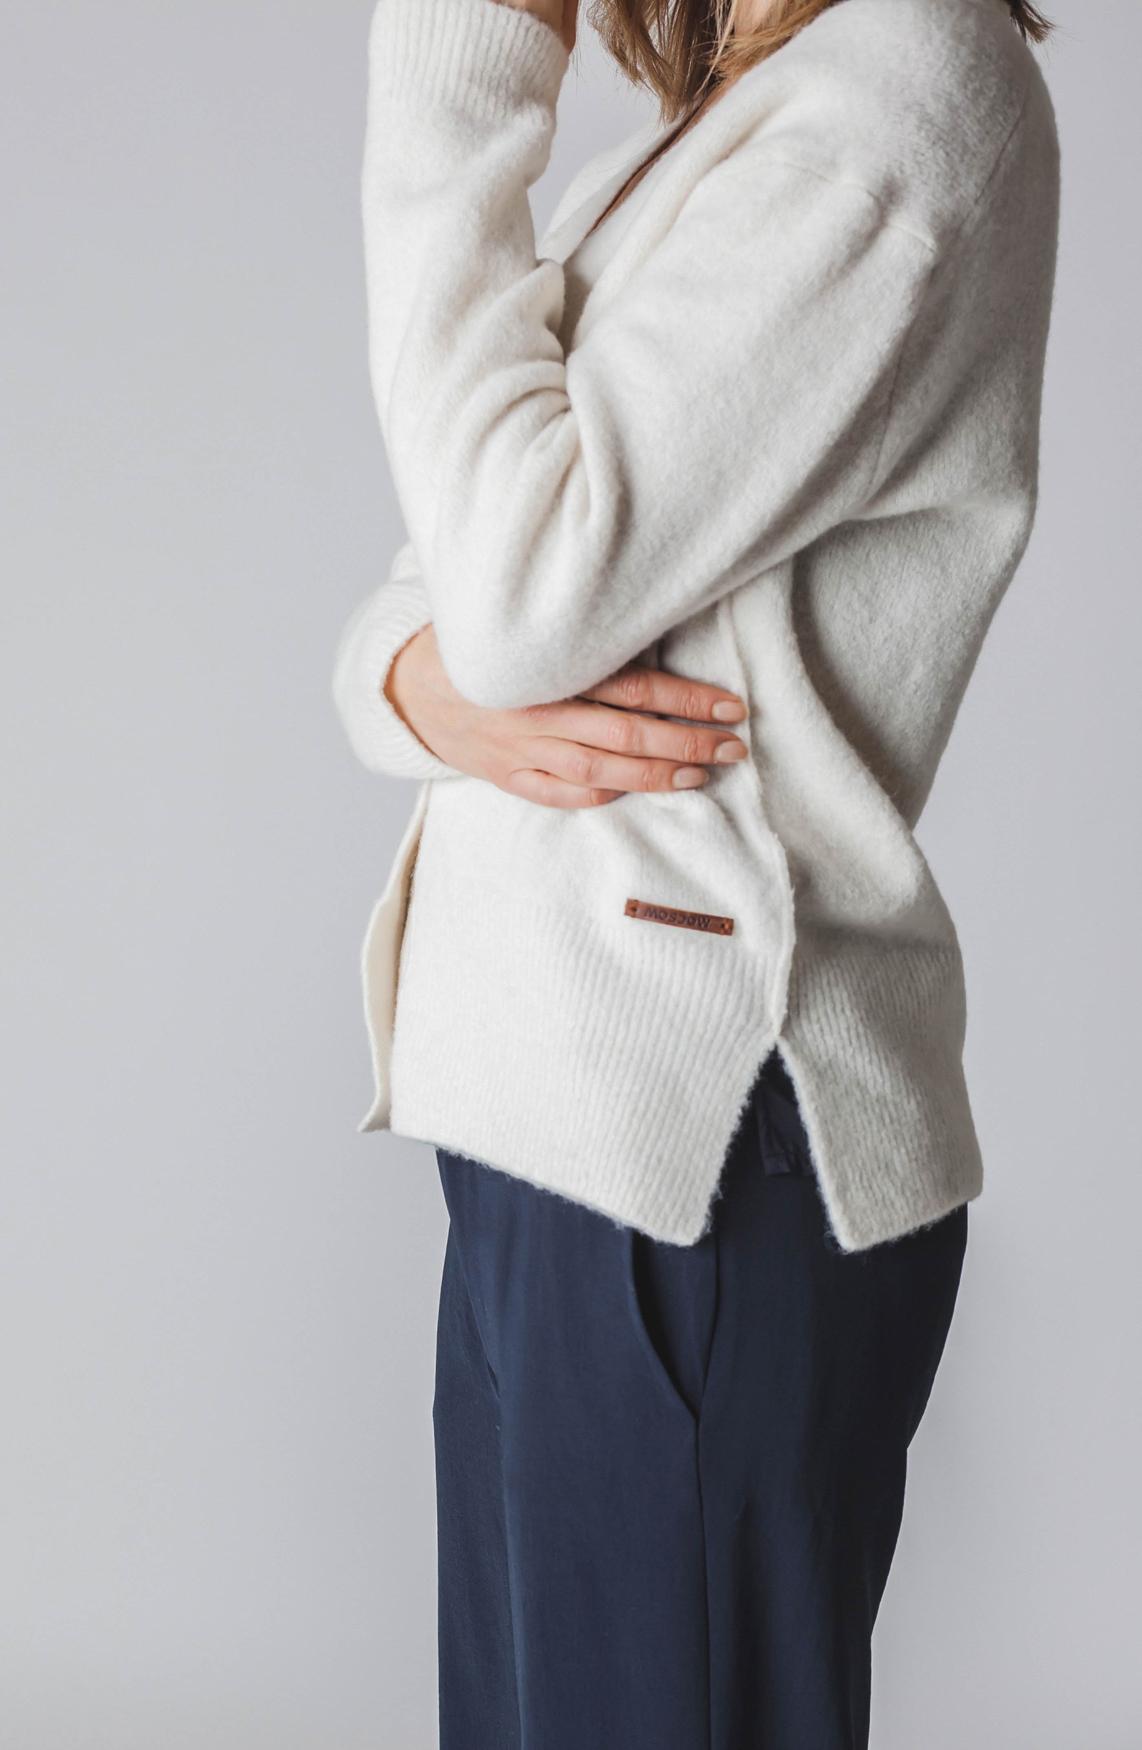 Moscow Dames Wollen vest met knopen wit